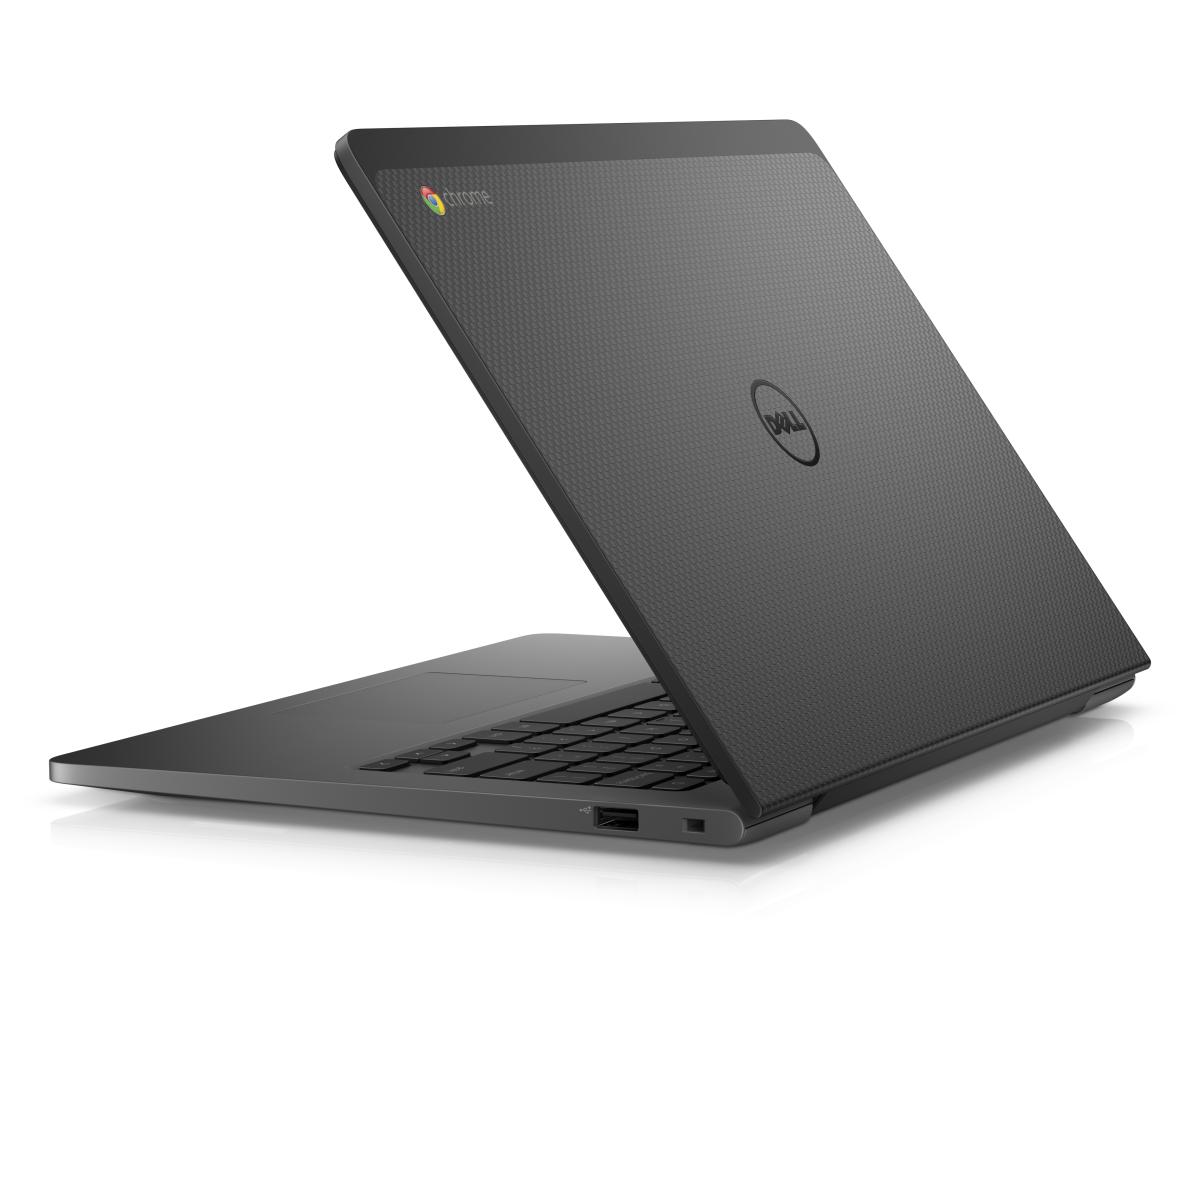 Dell Chromebook 13. Foto: Dell